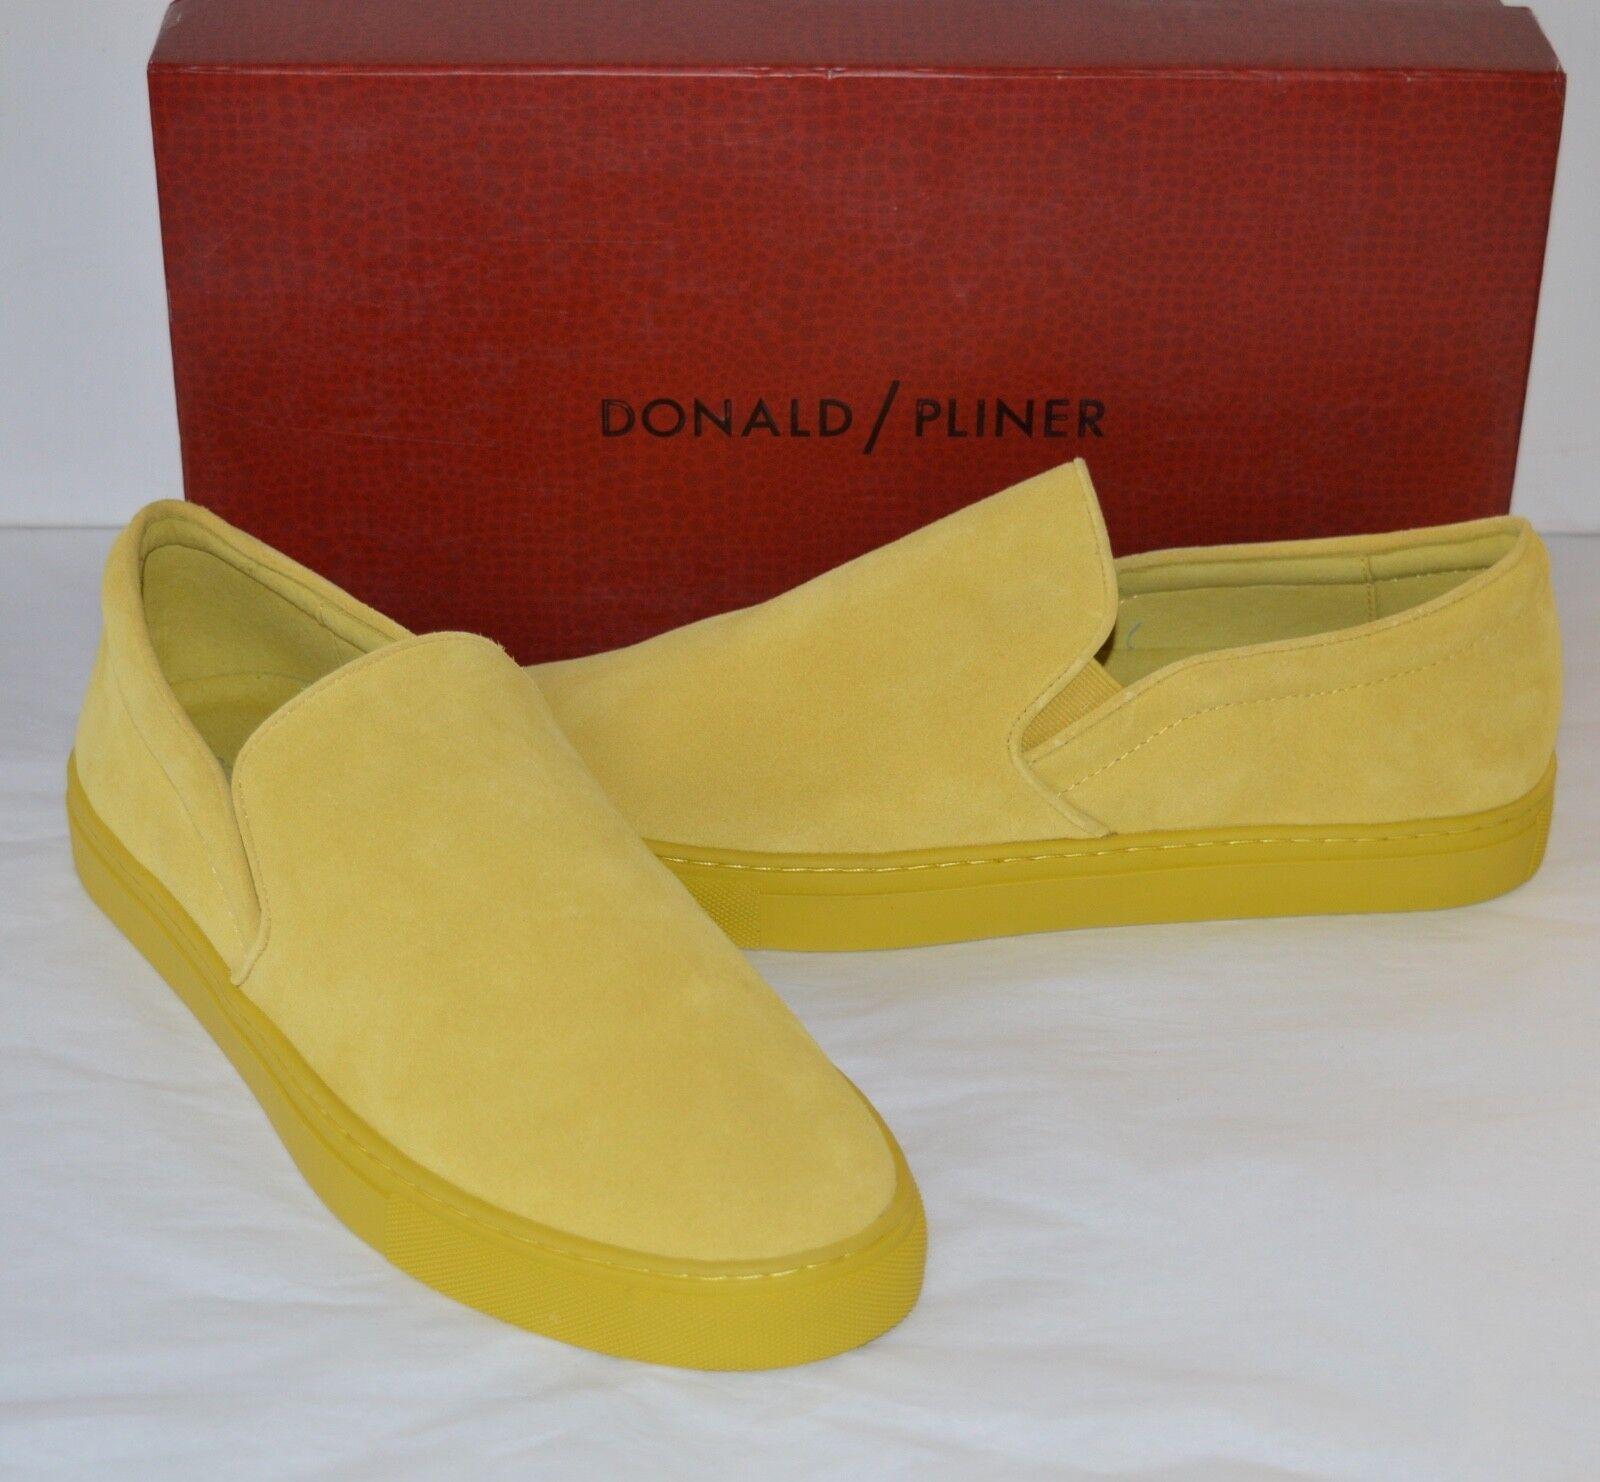 Nuevo  205 Donald J Pliner Arbor Mocasín Zapatillas De Gamuza Becerro Amarillo Limón talla 11.5